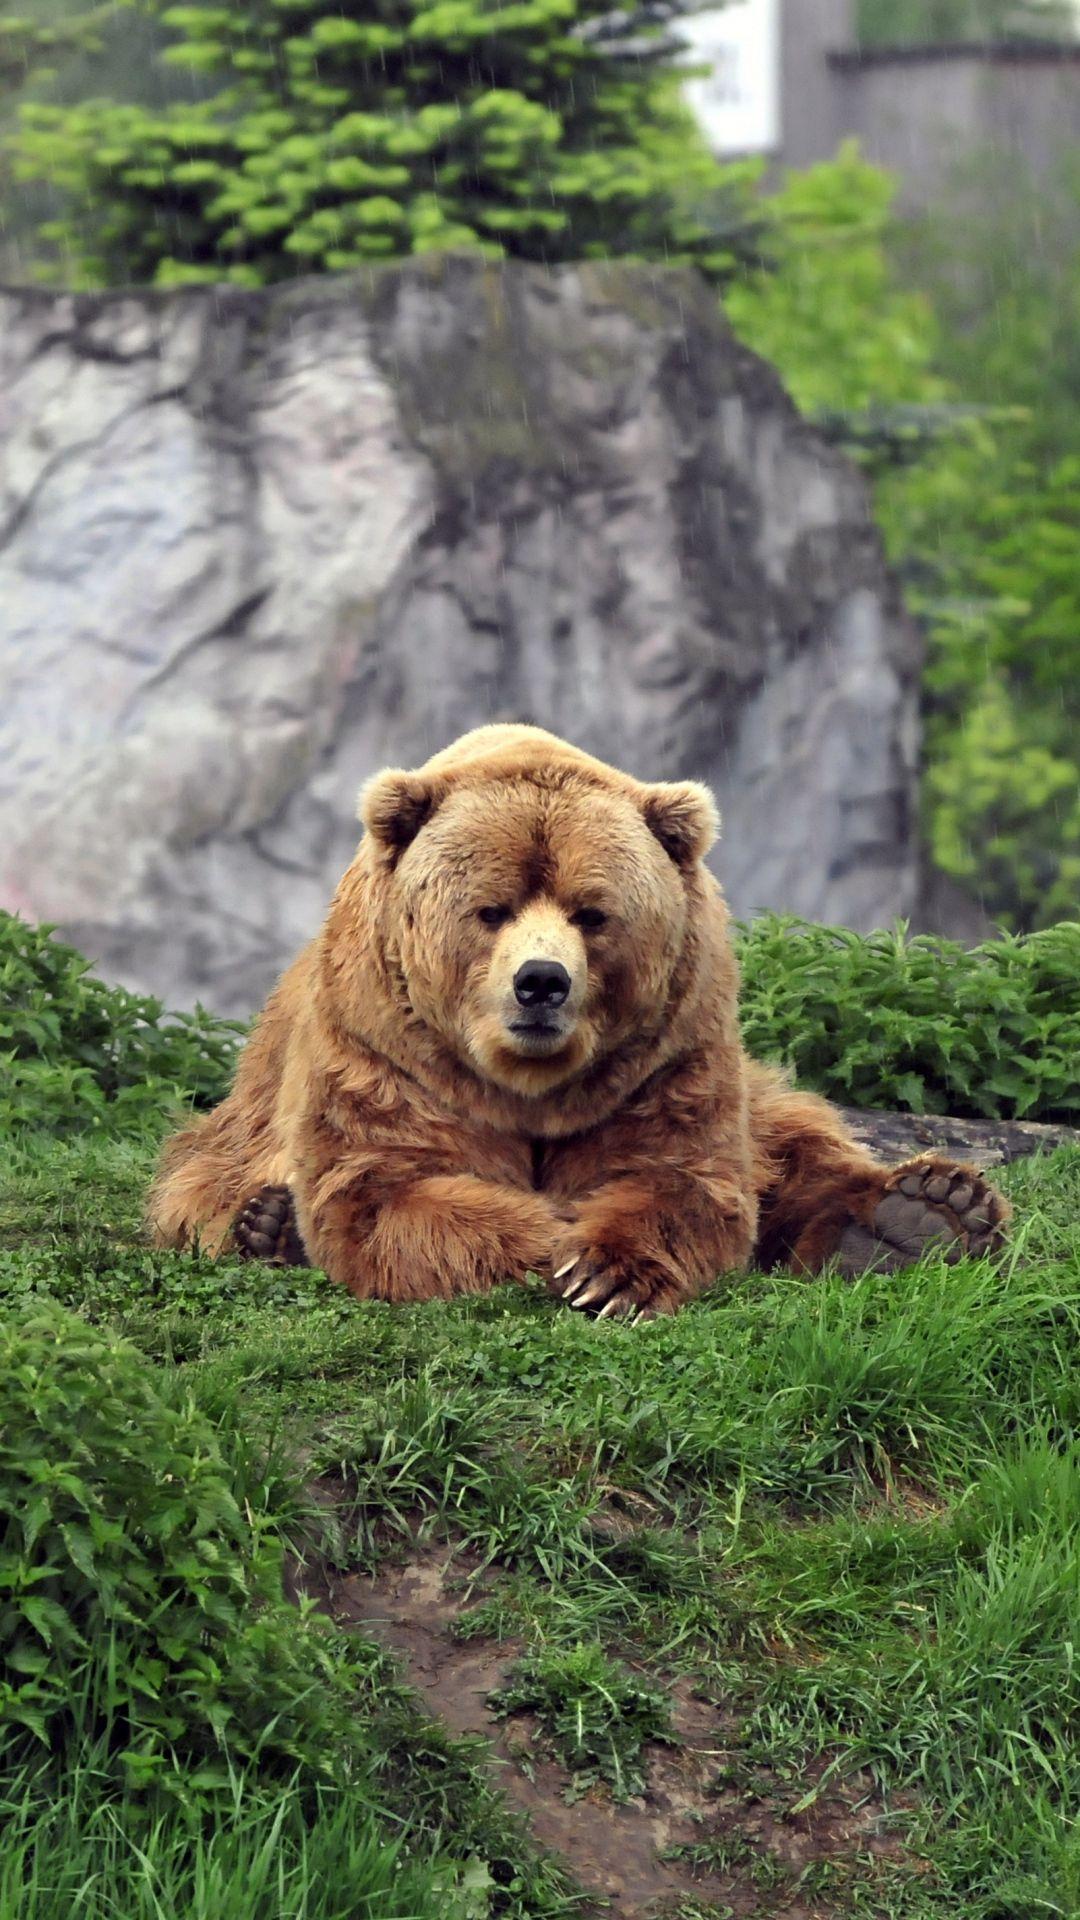 Best 25+ Bears ideas on Pinterest | Bear, Cute bears and ...